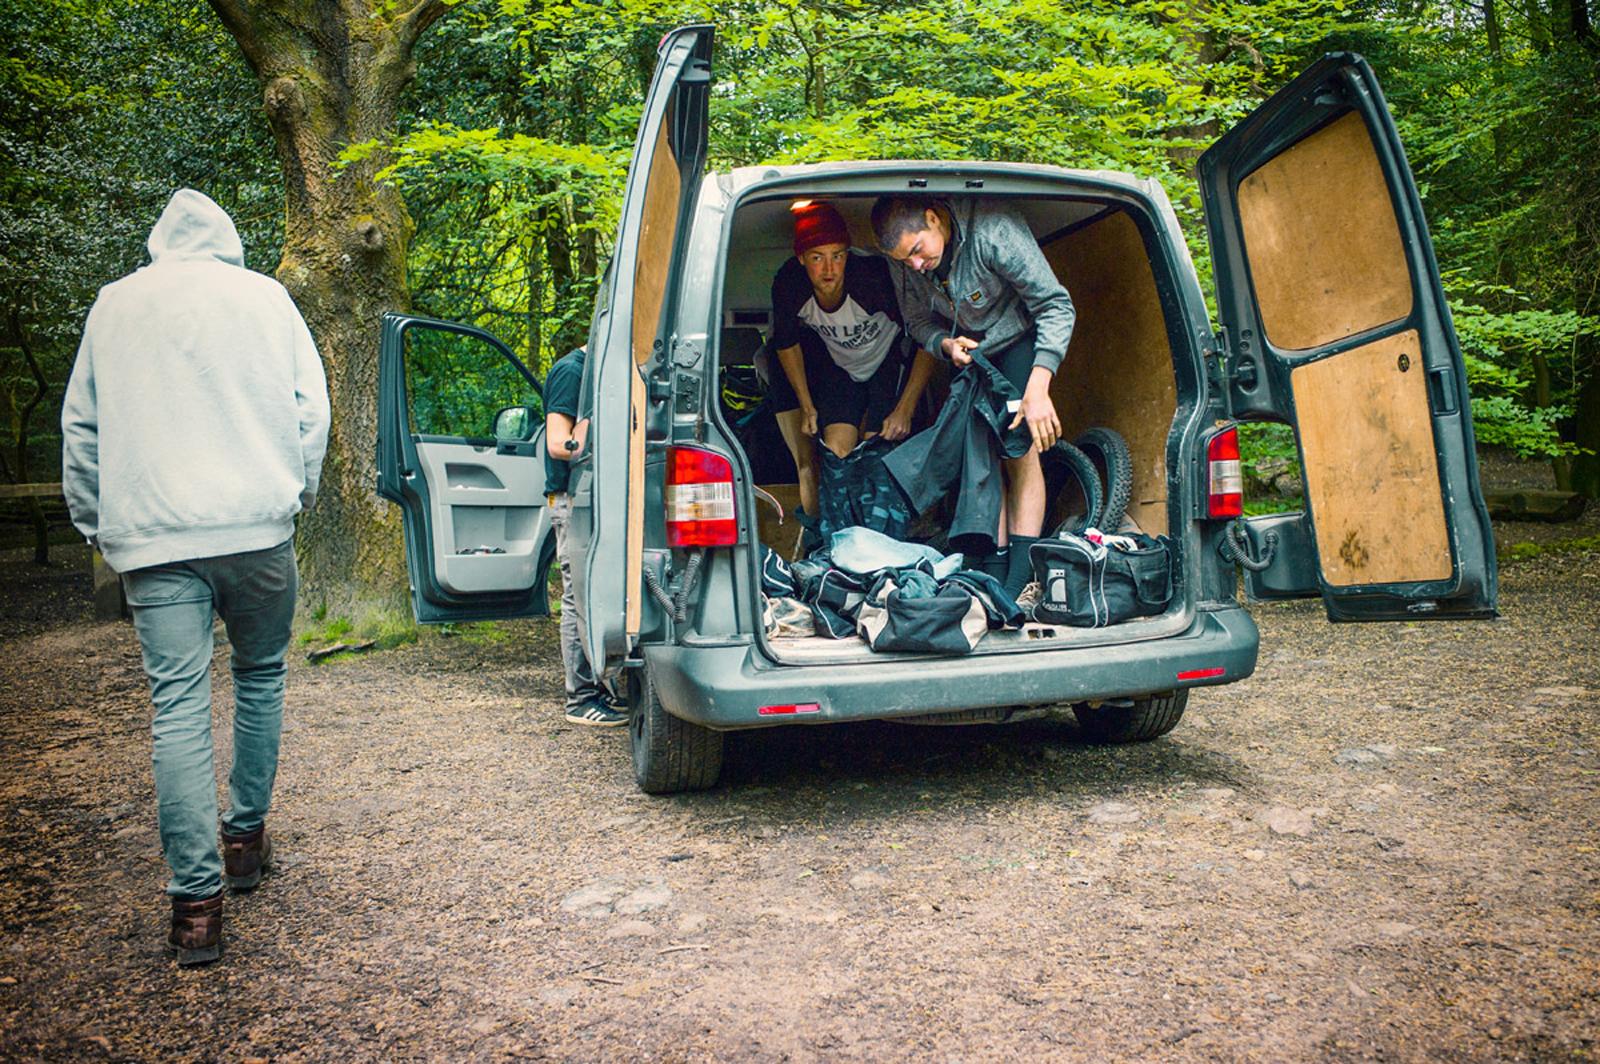 Es dauert eine kleine Weile, bis man aus der Stadt raus kommt und in die Surrey Hills fährt! Aber: Die Reise lohnt sich. Umziehen, Jungs! ©Philip Ruopp